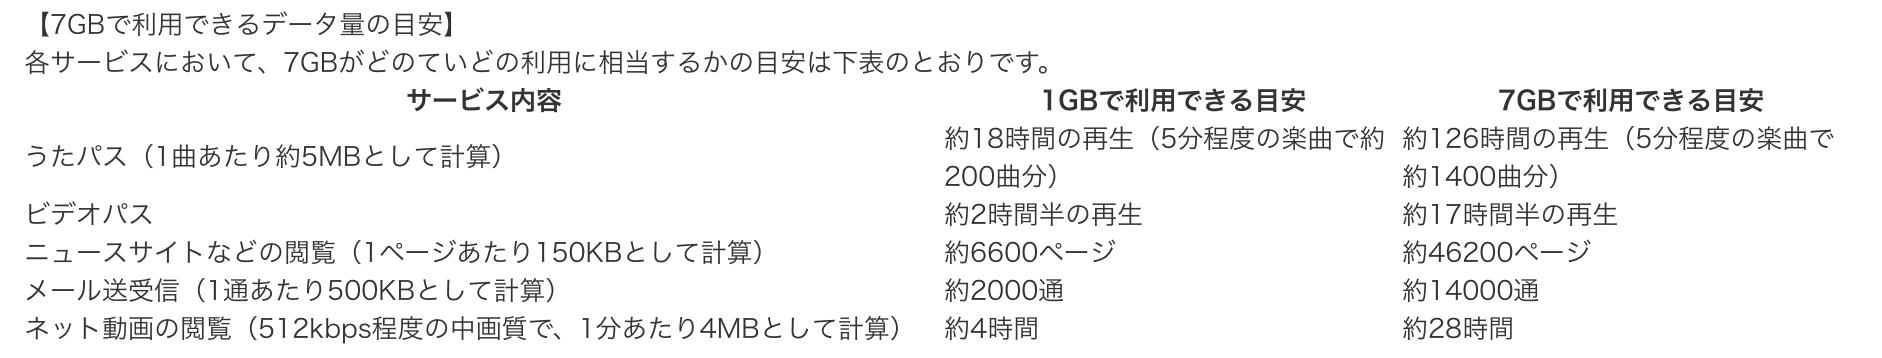 KDDIが公表している7GBの目安